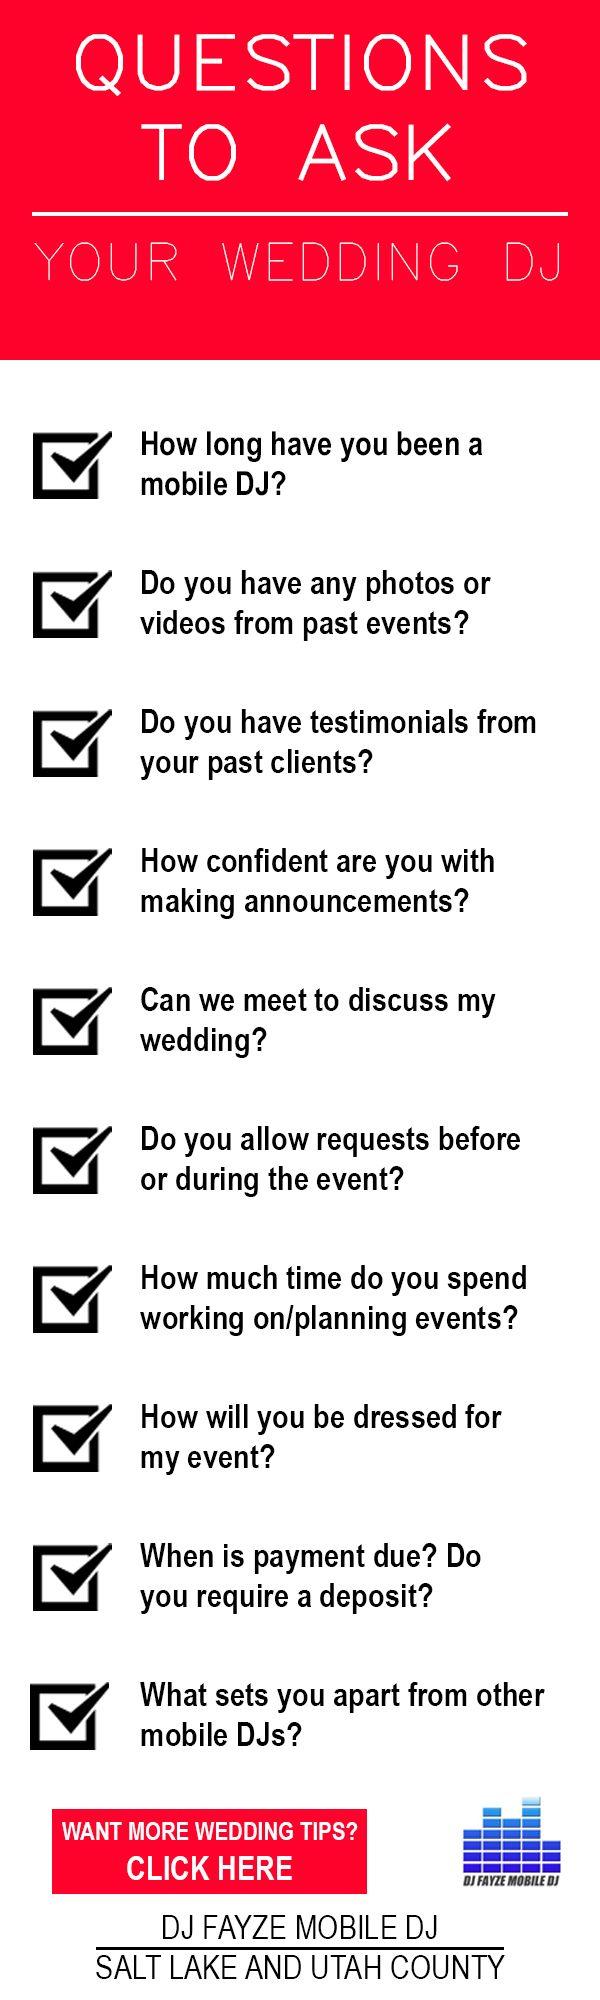 Utah Wedding 10 Questions You Need To Ask Your Wedding Dj Http Www Djfayze Com The Dj Fayze Difference Htm Wedding Dj Wedding Dj Setup Wedding Preparation